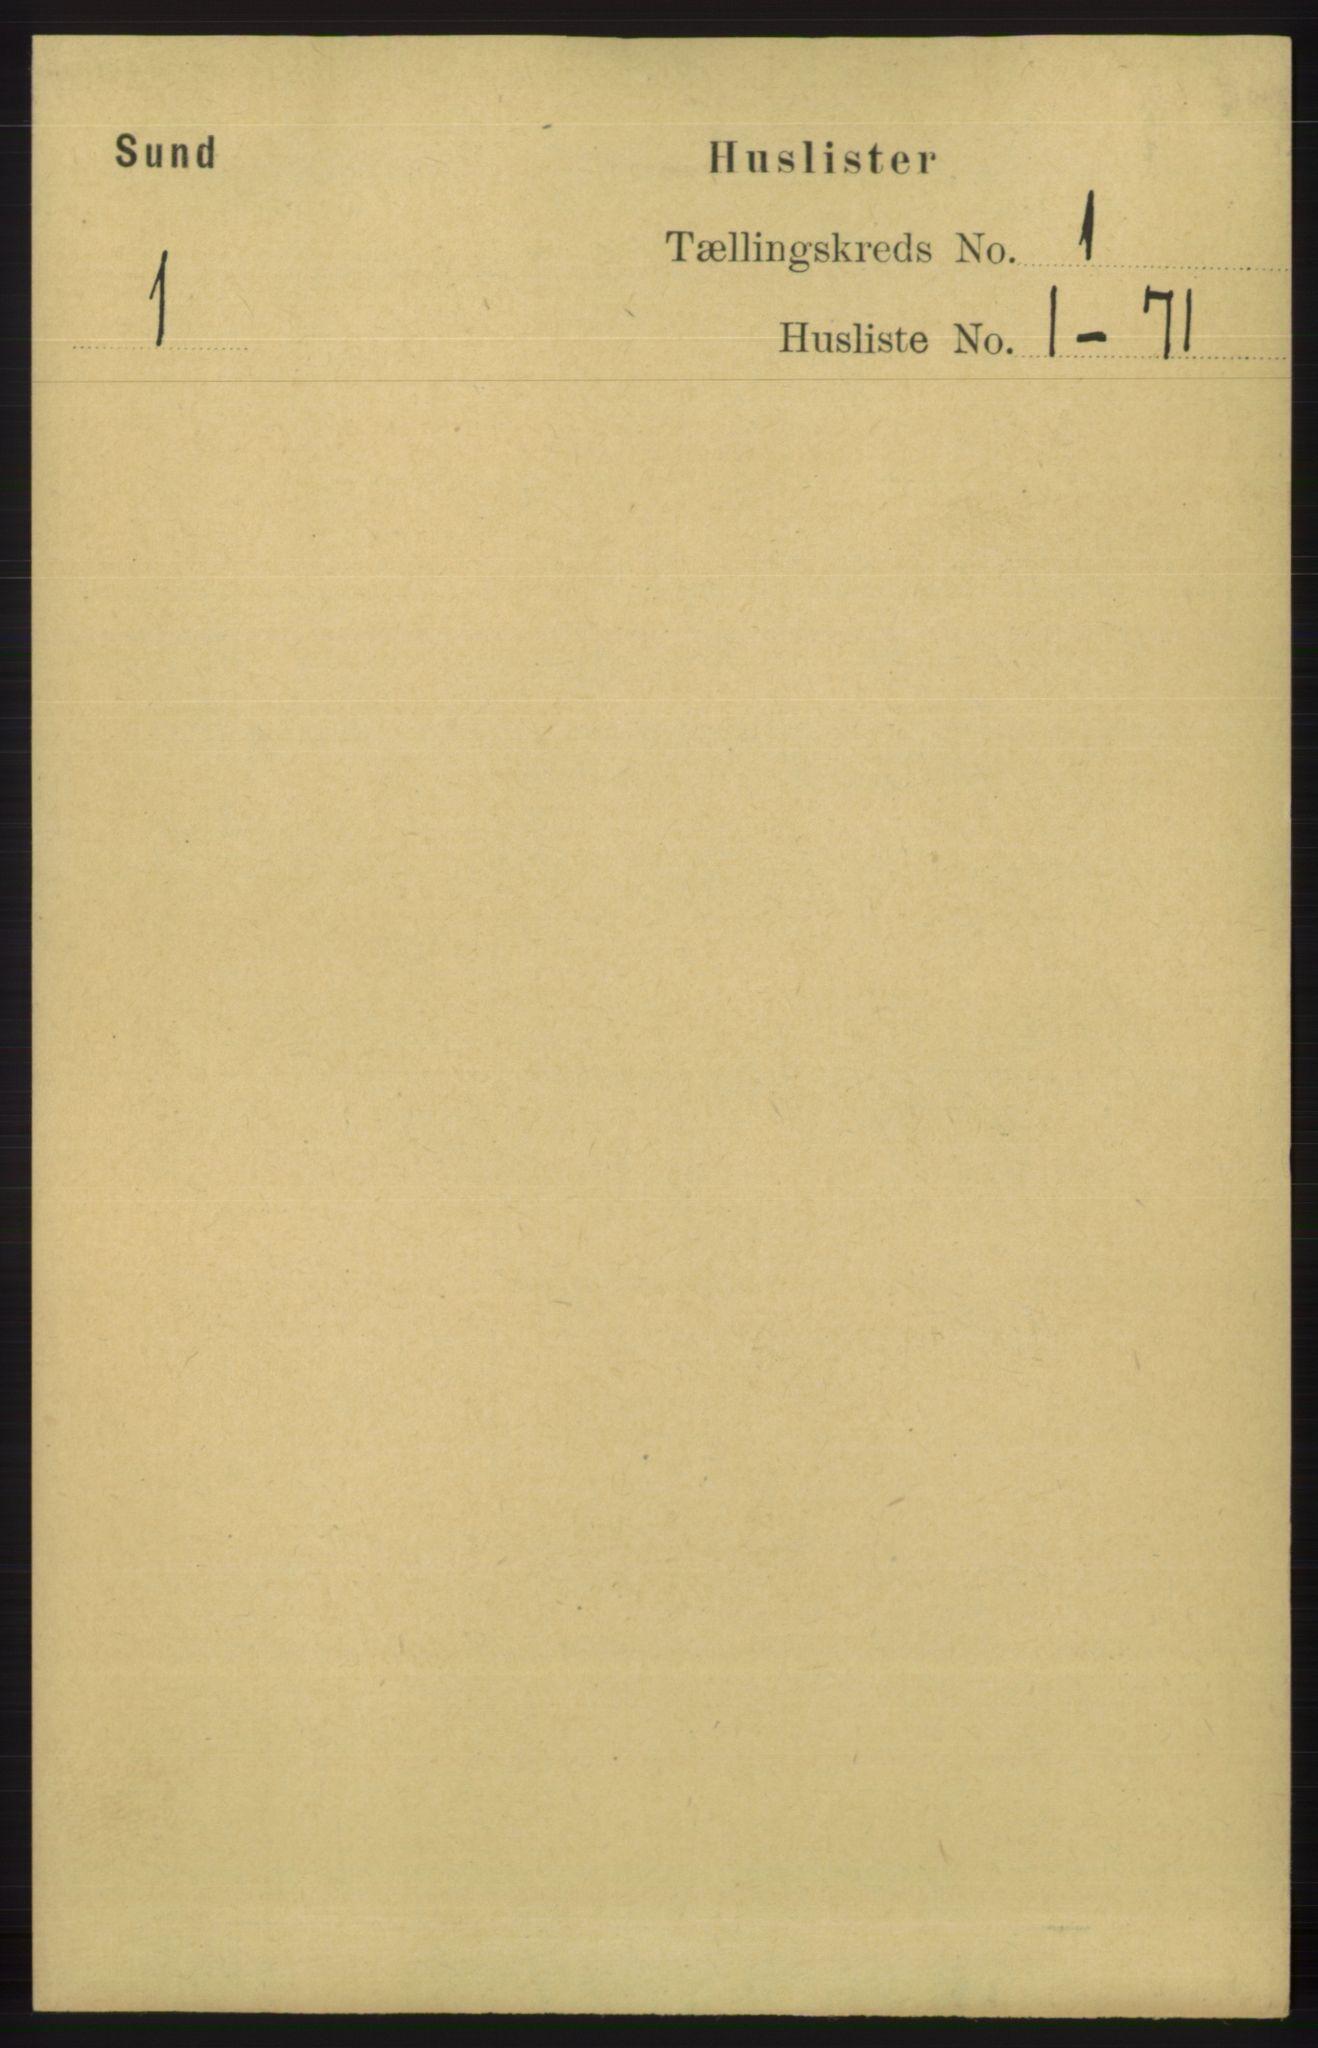 RA, Folketelling 1891 for 1245 Sund herred, 1891, s. 16